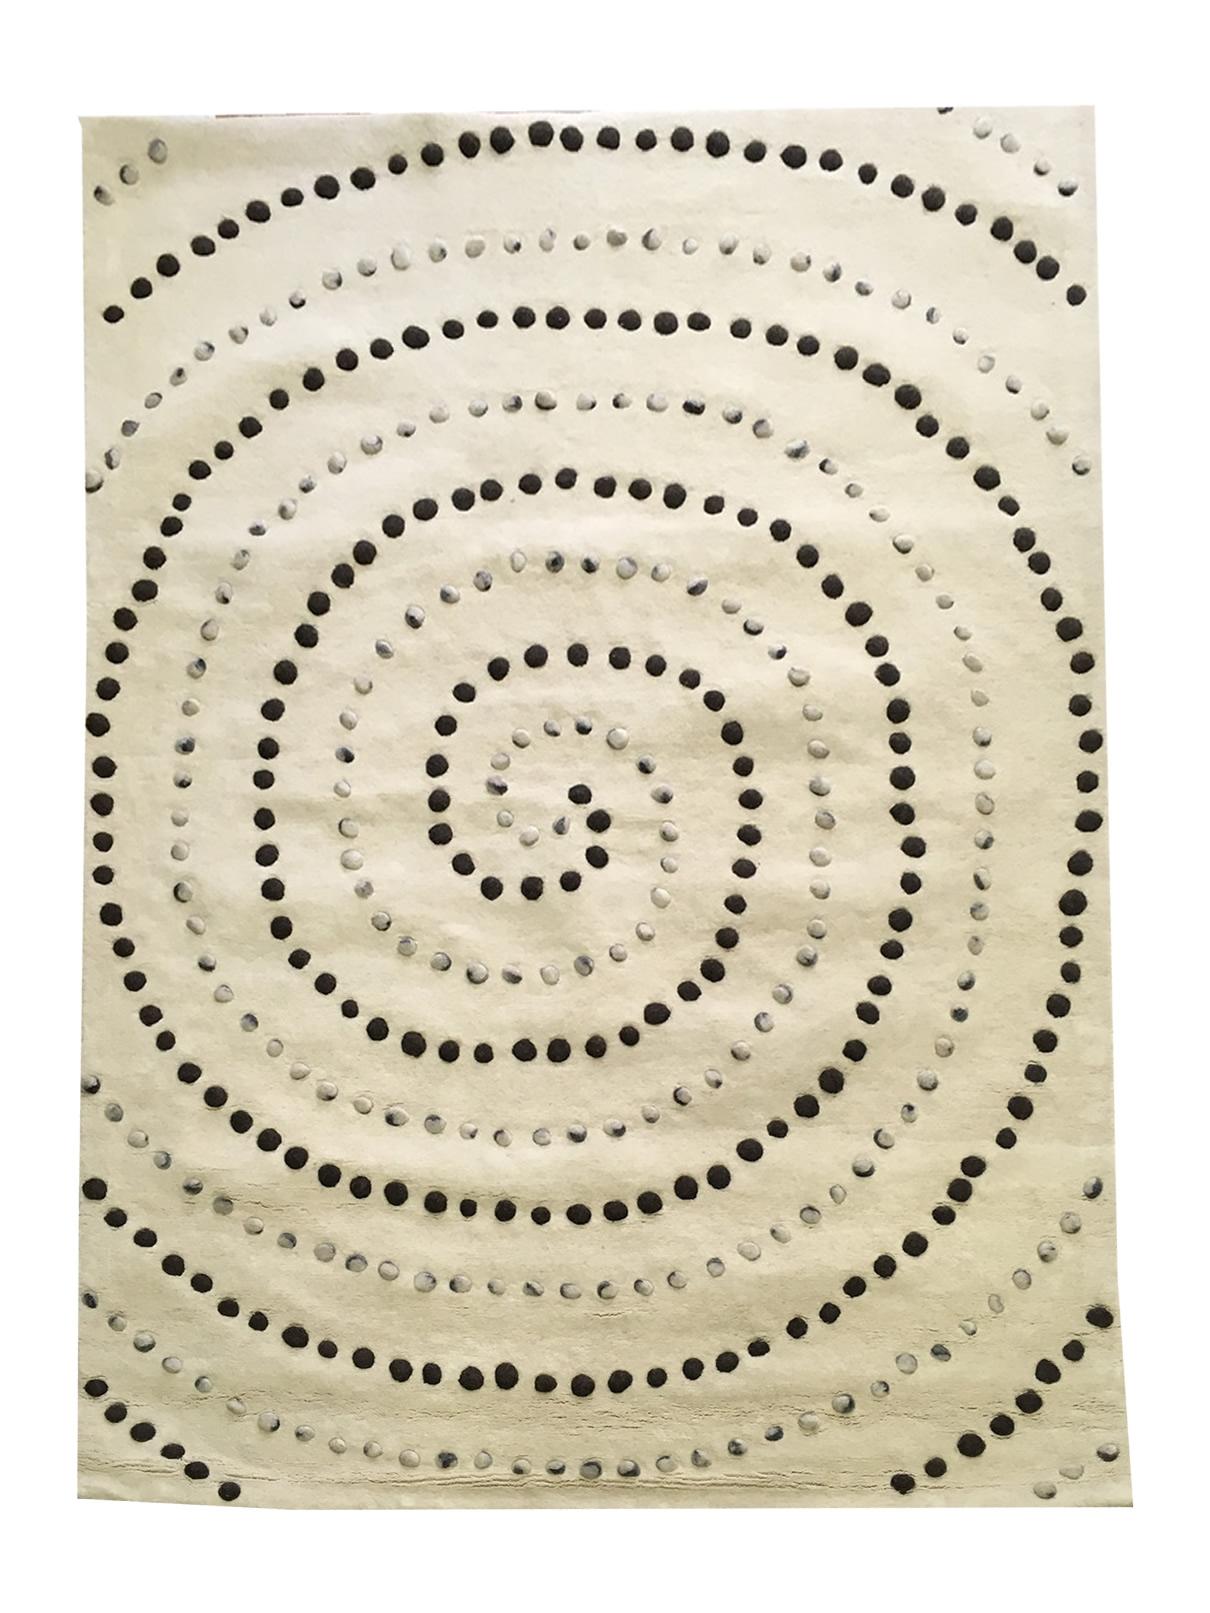 BO-MA koberce Ručně všívaný koberec Caroline (100% vlna, Indie, Panipat) - výprodej - 160x230